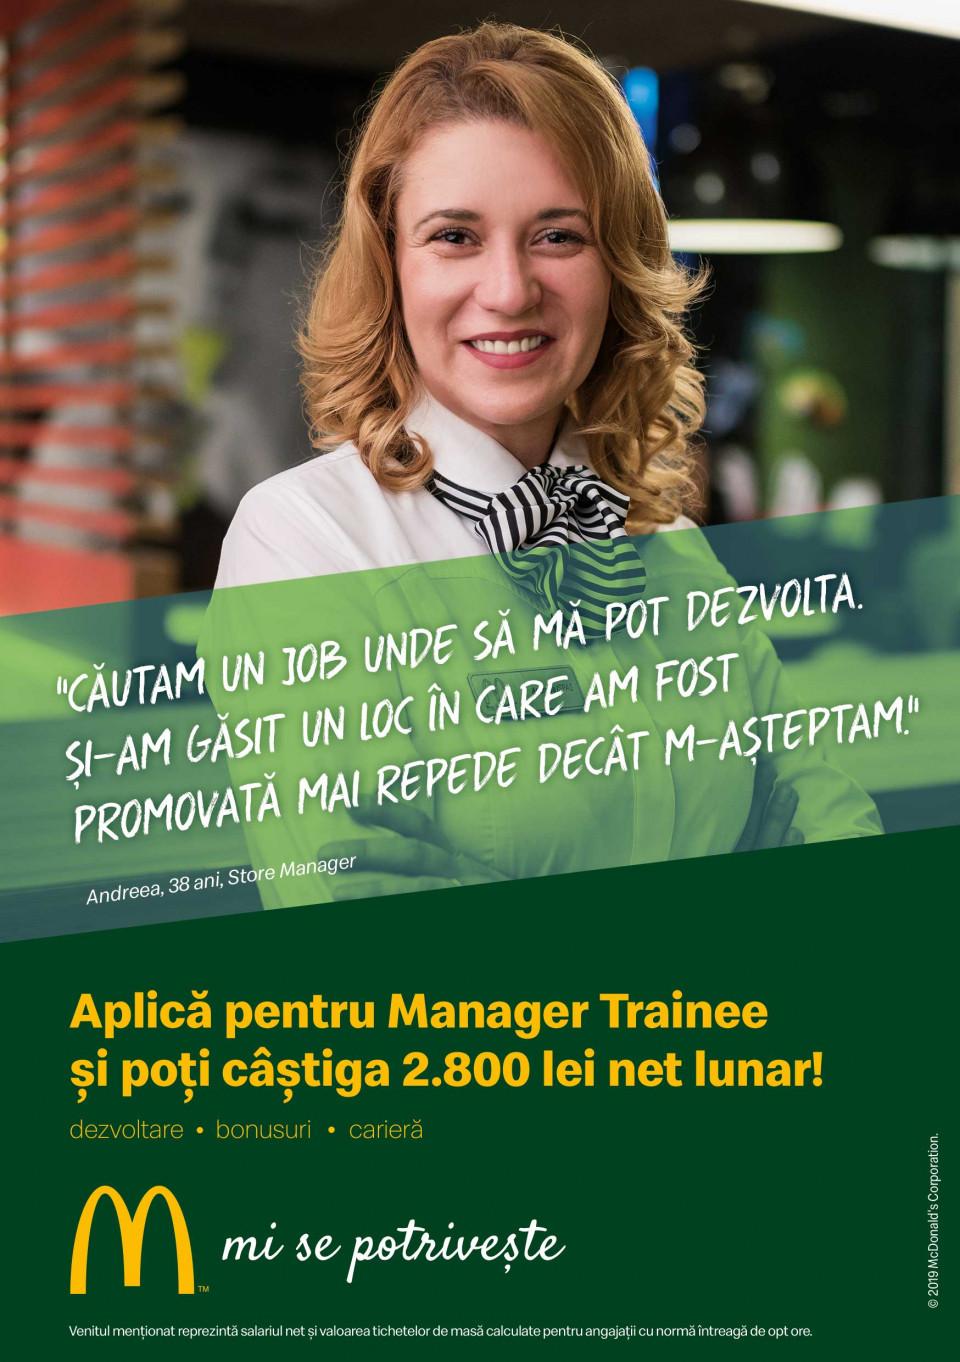 Brasov si Oradea McDonald's în România Manager Trainee - McDonald's TargovisteDe 25 de ani, McDonald's este alături de clienții din România  - le oferim produsele lor preferate și venim mereu cu inovații, deschidem restaurante noi, iar pe altele le transformăm într-un loc mai primitor și ne păstrăm promisiunea de a fi restaurantul preferat al clienţilor noştri.   Începând cu anul 2016, McDonald's este parte a familiei Premier Capital, partenerul pentru dezvoltare a restaurantelor McDonald's din  România, Estonia, Grecia, Letonia, Lituania și Malta. Premier Capital plc operează 149 de restaurante în zone de top, mai mult de jumătate dintre ele fiind cu McDrive și numerase cafenele McCafe.   În România, McDonald's este lider al pieței restaurantelor, cu 84 de restaurante și 39 de McCafe în 26 de oraşe. Până în prezent, McDonald's a investit peste 900 de milioane de lei în România, are 5.500 de angajaţi şi primește zilnic peste 230.000 clienţi. Alte 18 milioane de lei au fost investiți în proiecte de educație și sănătate și peste 20.000 de familii sunt sprijinite prin intermediul Fundației Ronald McDonald. În 2018 a fost desemnat cel mai bun angajator pentru al cincilea an consecutiv, conform AON Hewitt România. Echipa McDonald's e formată din oameni muncitori, ambițioși, pentru care interacțiunea cu alți oameni este o bucurie. Ne dorim să aducem în echipa noastră colegi dornici să învețe și să crească în cadrul unei echipe puternice și ambițioase.